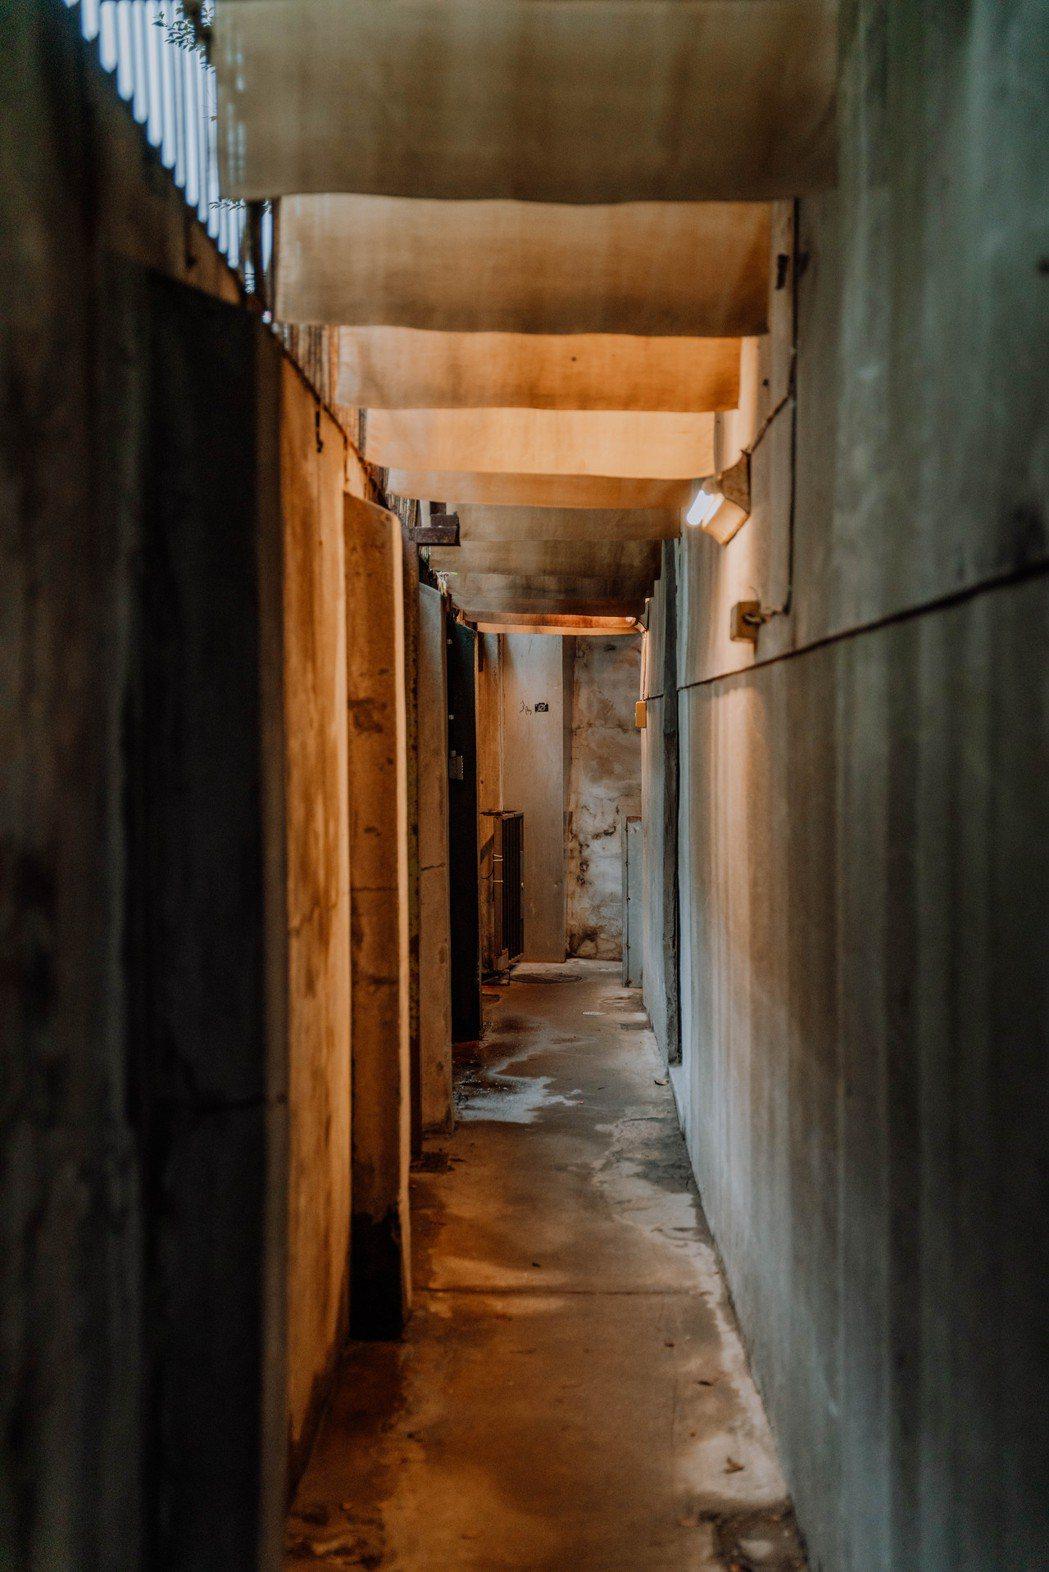 以咖啡染布裝飾的長廊,留給參與者,無限的風味與哲學聯想。圖 / Nespress...